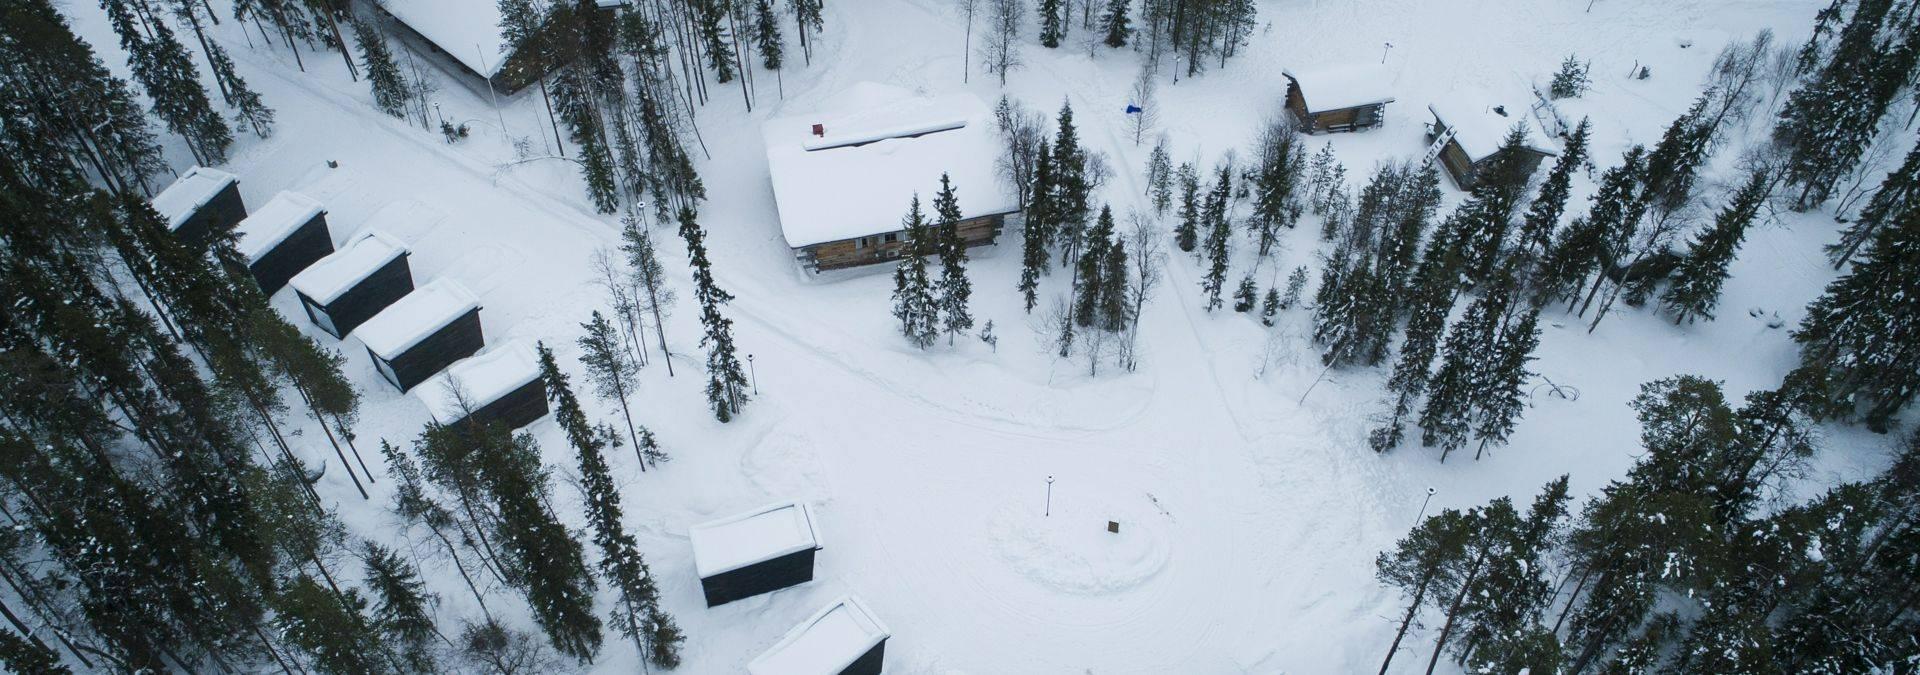 ACWL Credit Arctic Circle Wilderness Lodge